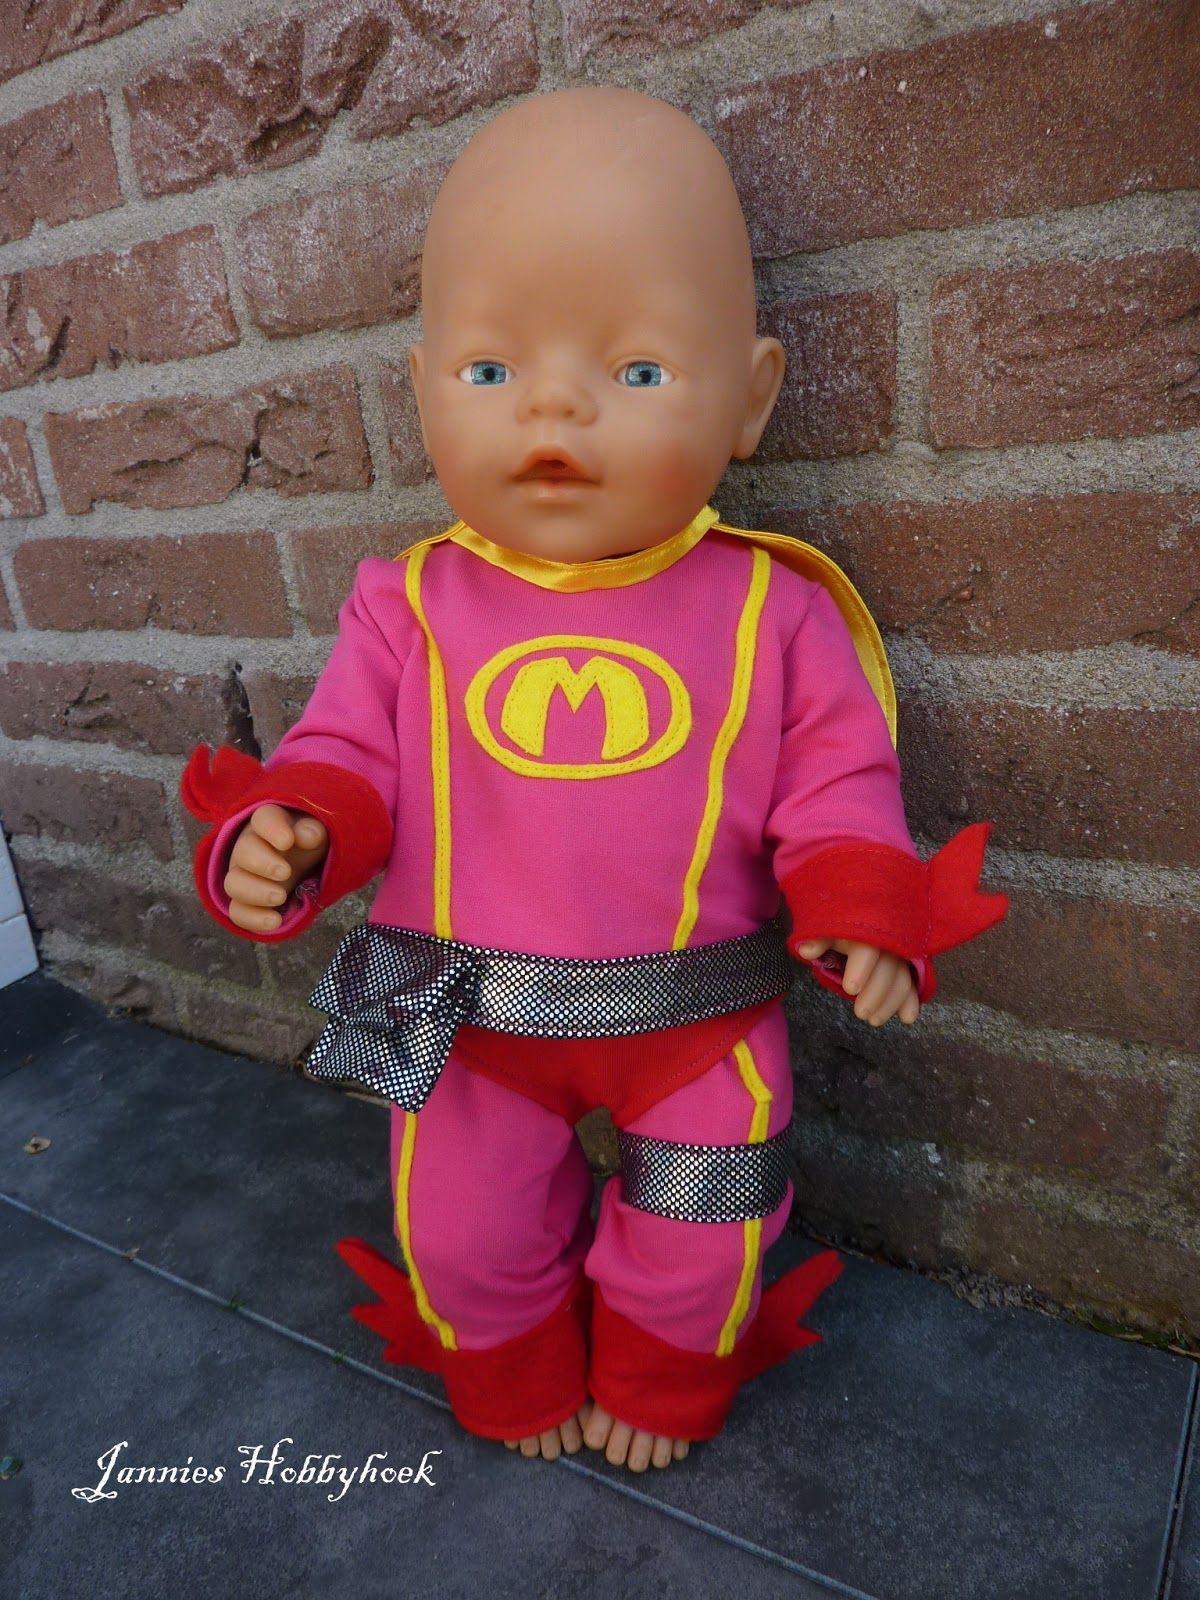 Jannies Hobbyhoek Poppenkleding Babypop Kleding Handgemaakte Kleding